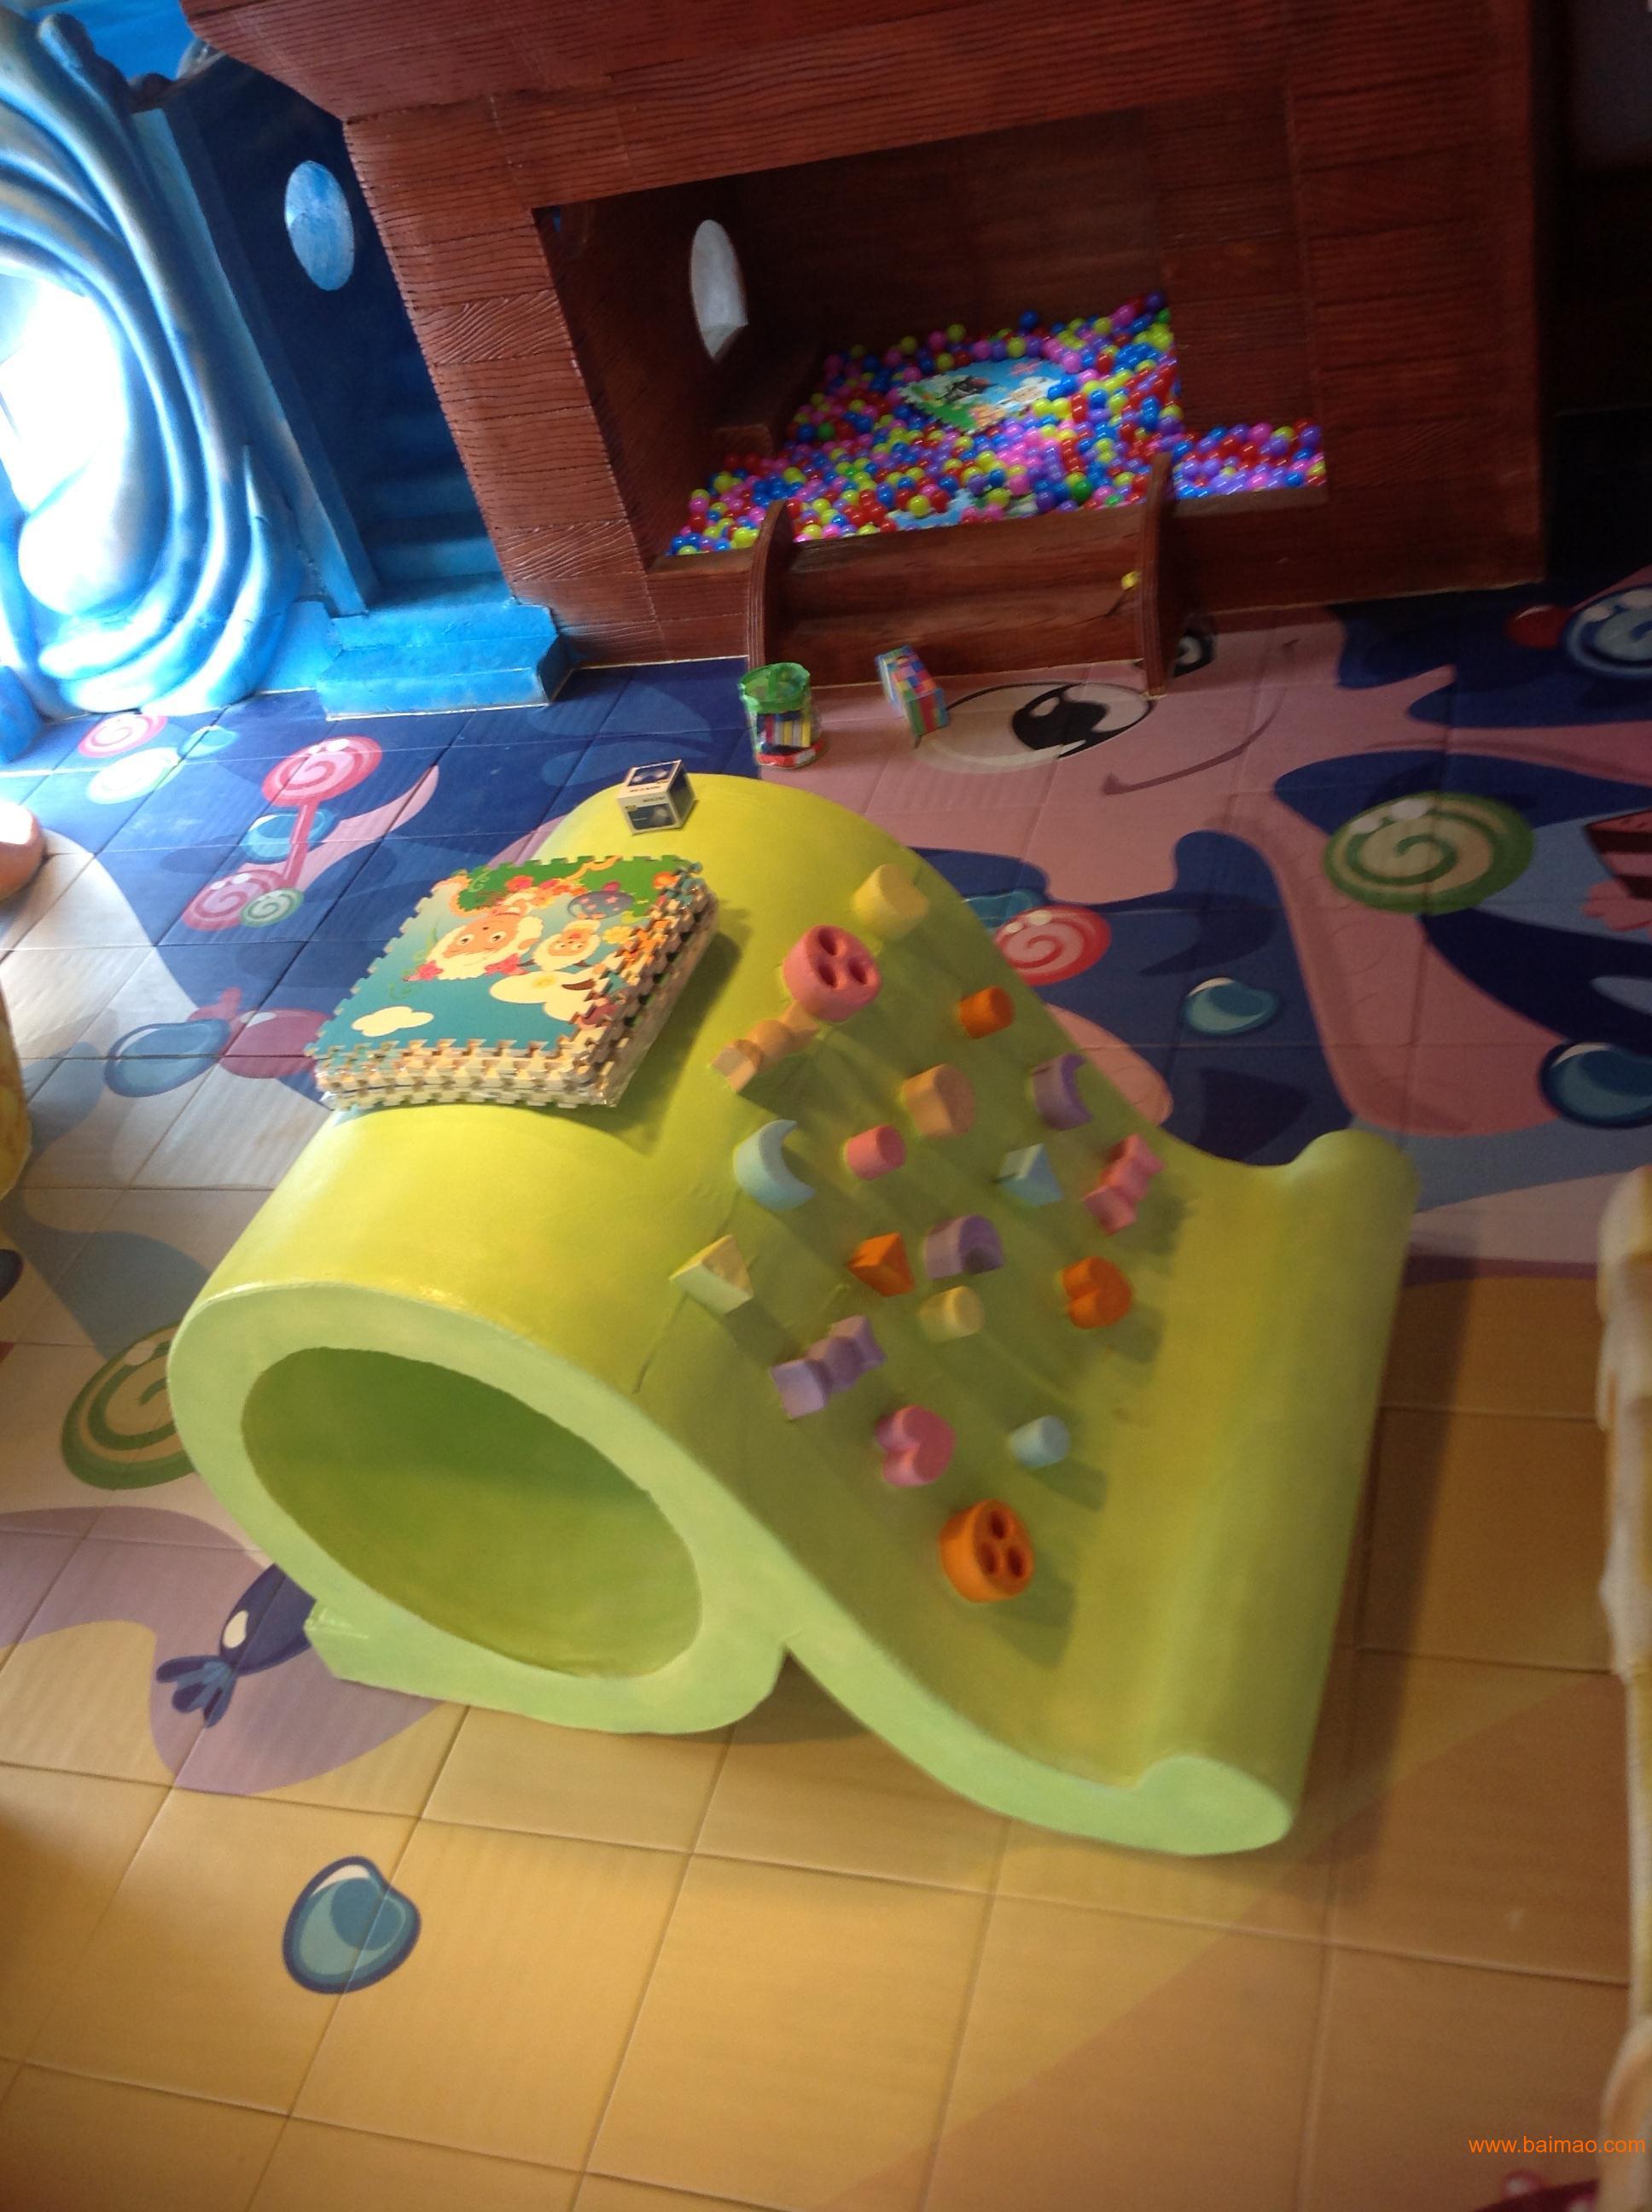 机械制造儿童画-儿童游乐园设备生产厂家,儿童主题乐园设计,大型游乐设施,儿童图片